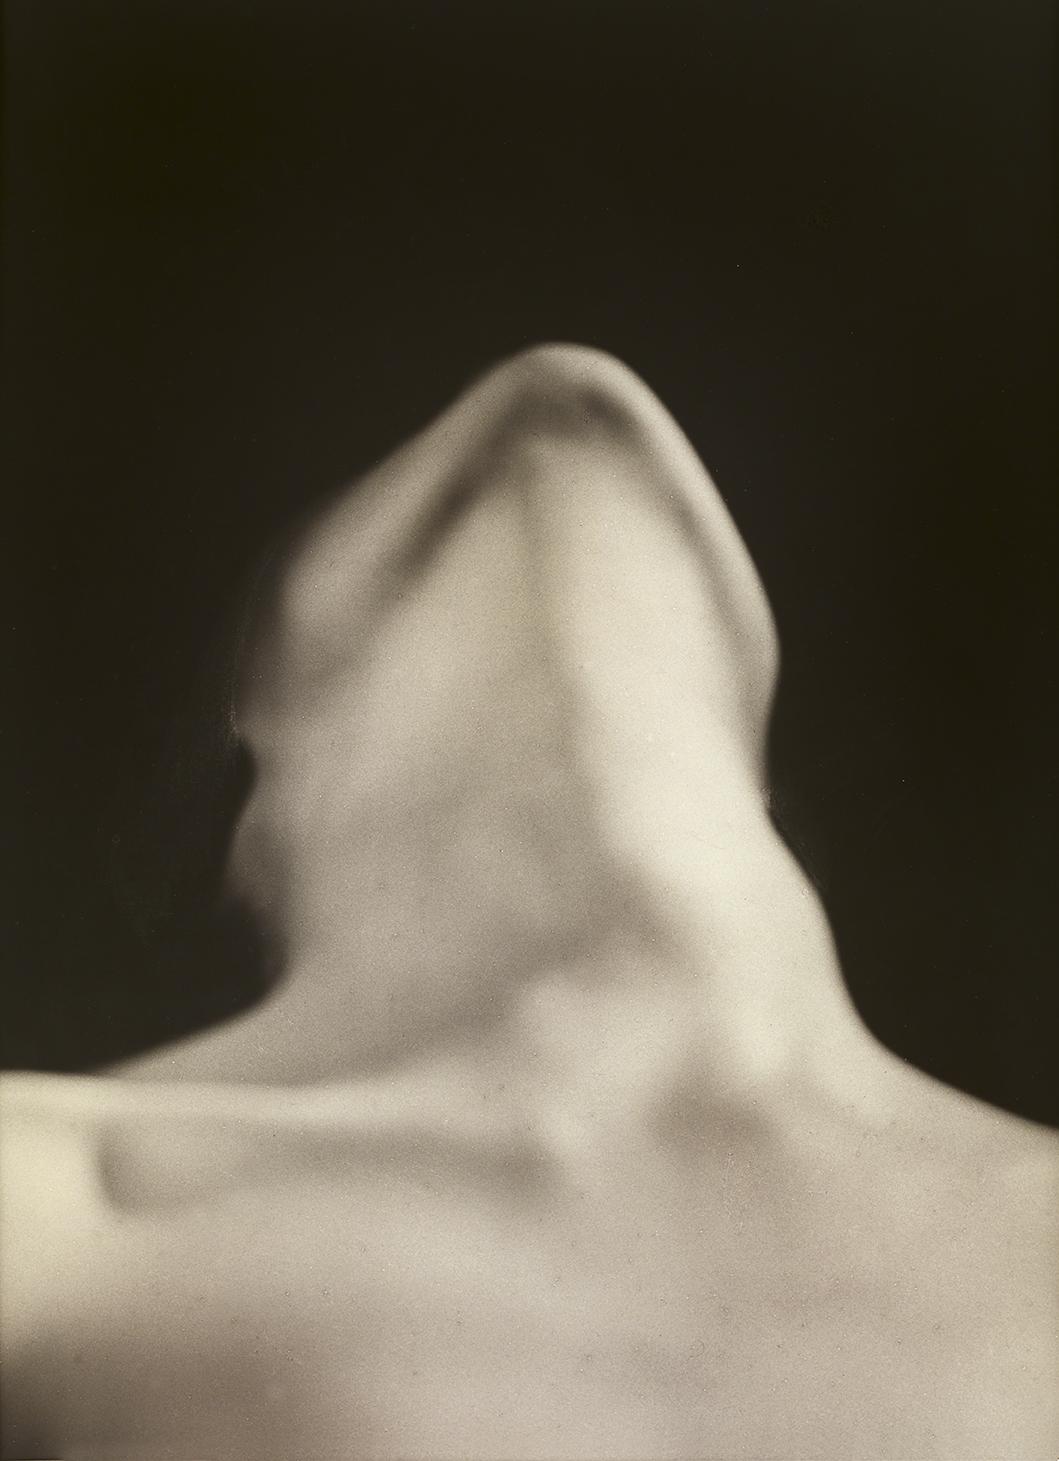 011 anatomie - EXPO: Man Ray, la obra de un artista que cambió el arte